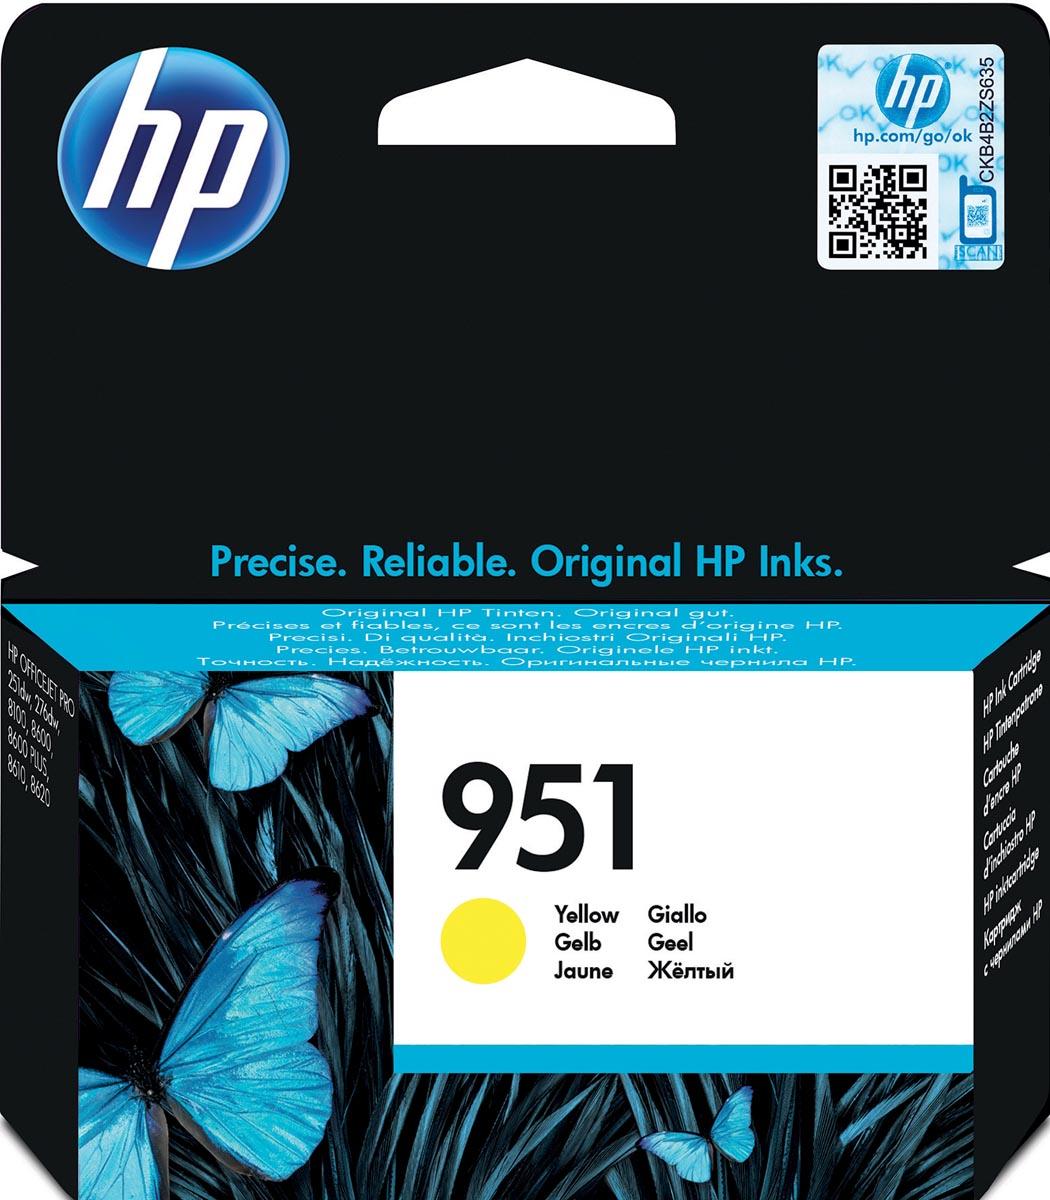 HP inktcartridge 951, 700 pagina's, OEM CN052AE, geel